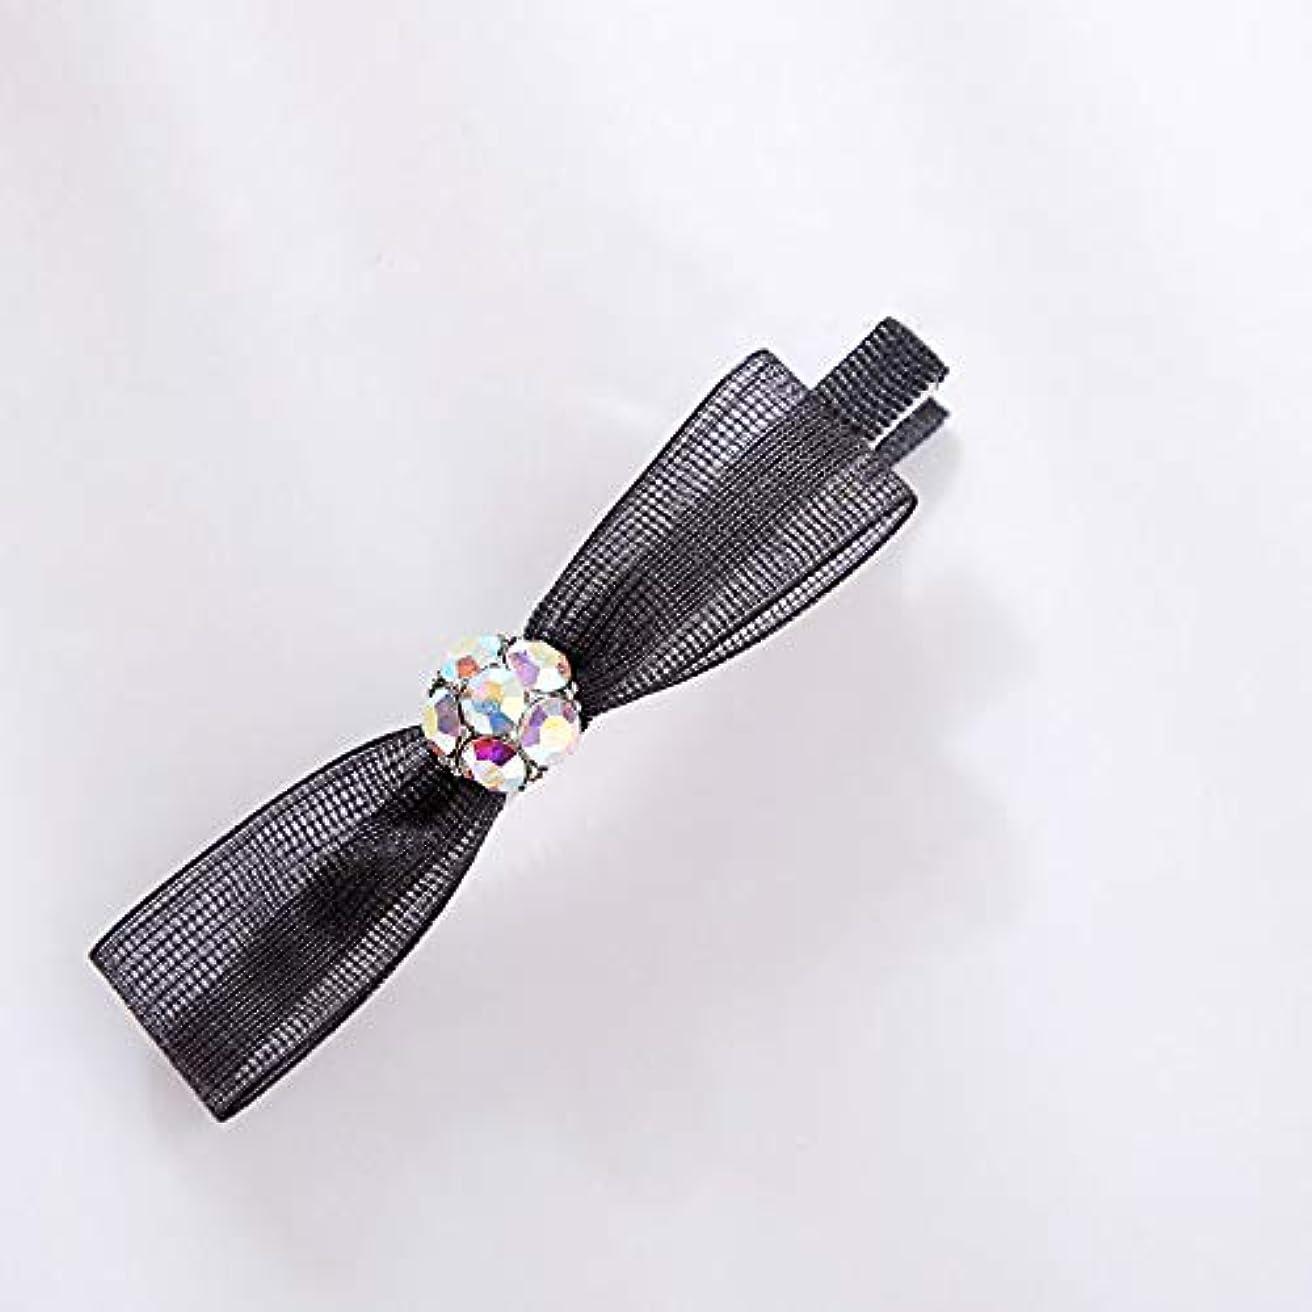 取る送金通貨HuaQingPiJu-JP ファッションロゼットヘアピン便利なヘアクリップ女性の結婚式のアクセサリー(ブラック)